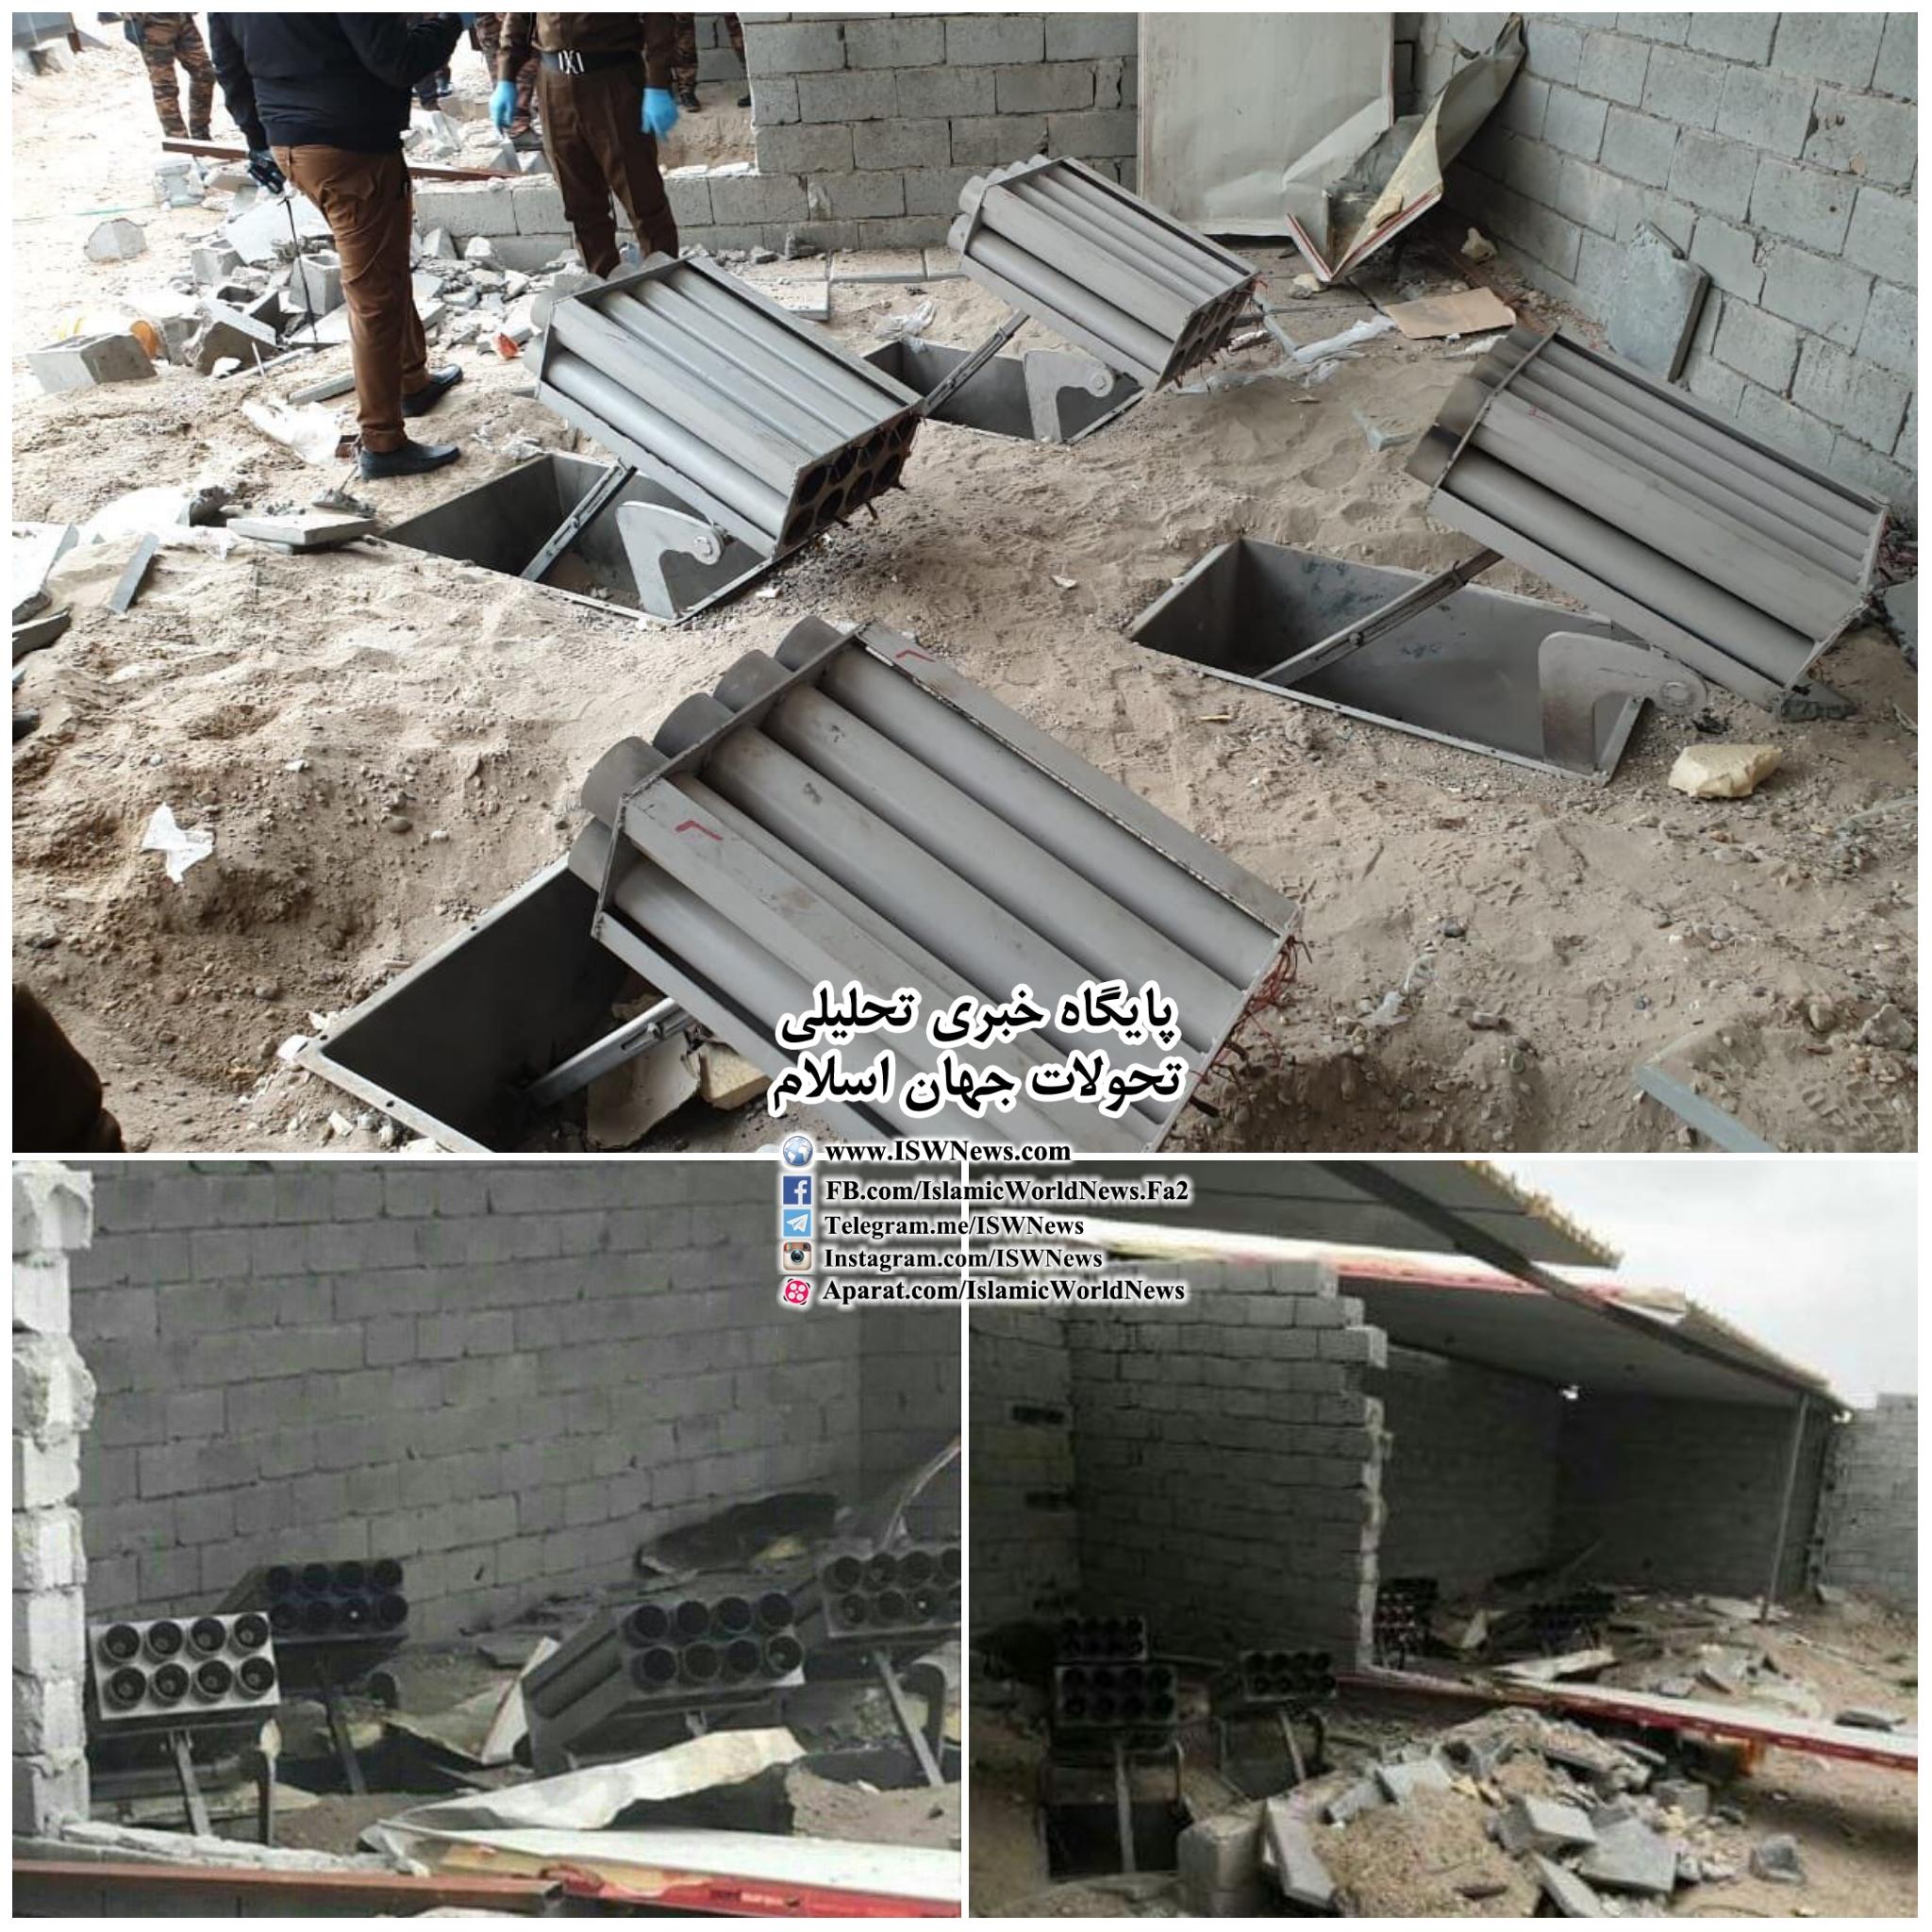 تصاویری از لانچر های کشف شده در روستای ابوعظام در نزدیکی پایگاه تاجی که به سمت محل استقرار تروریستهای آمریکایی و ائتلاف بین المللی شلیک شد.